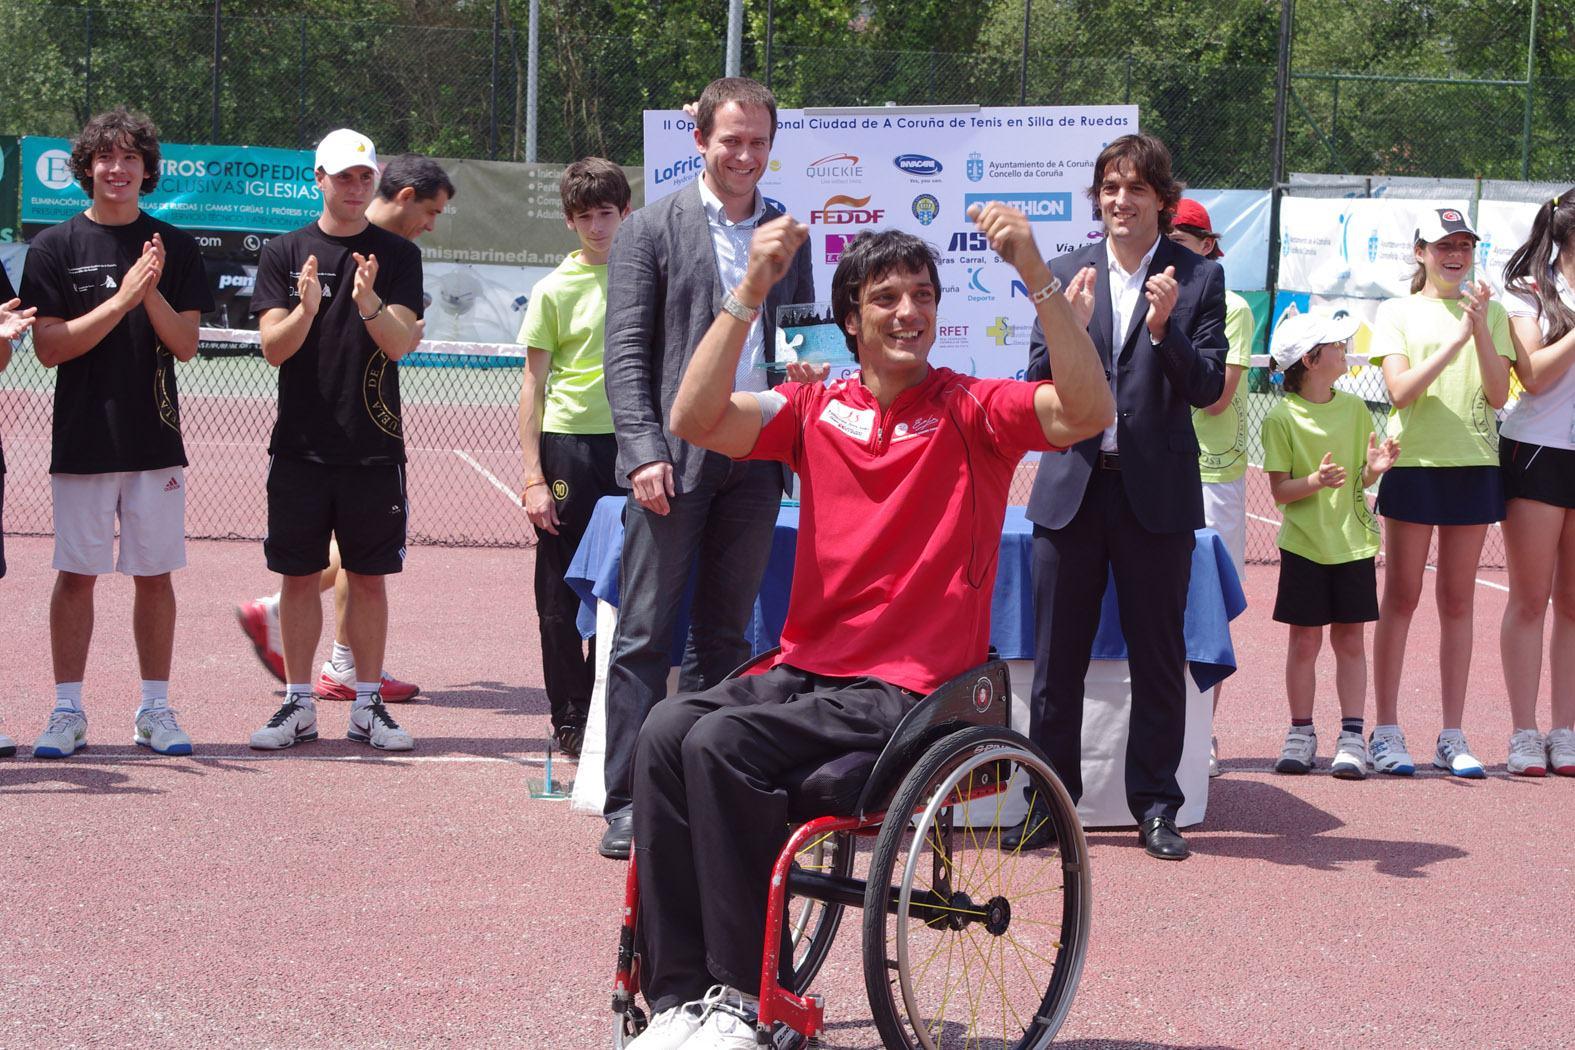 Deporte en silla de ruedas soy maratonista - Deportes en silla de ruedas ...